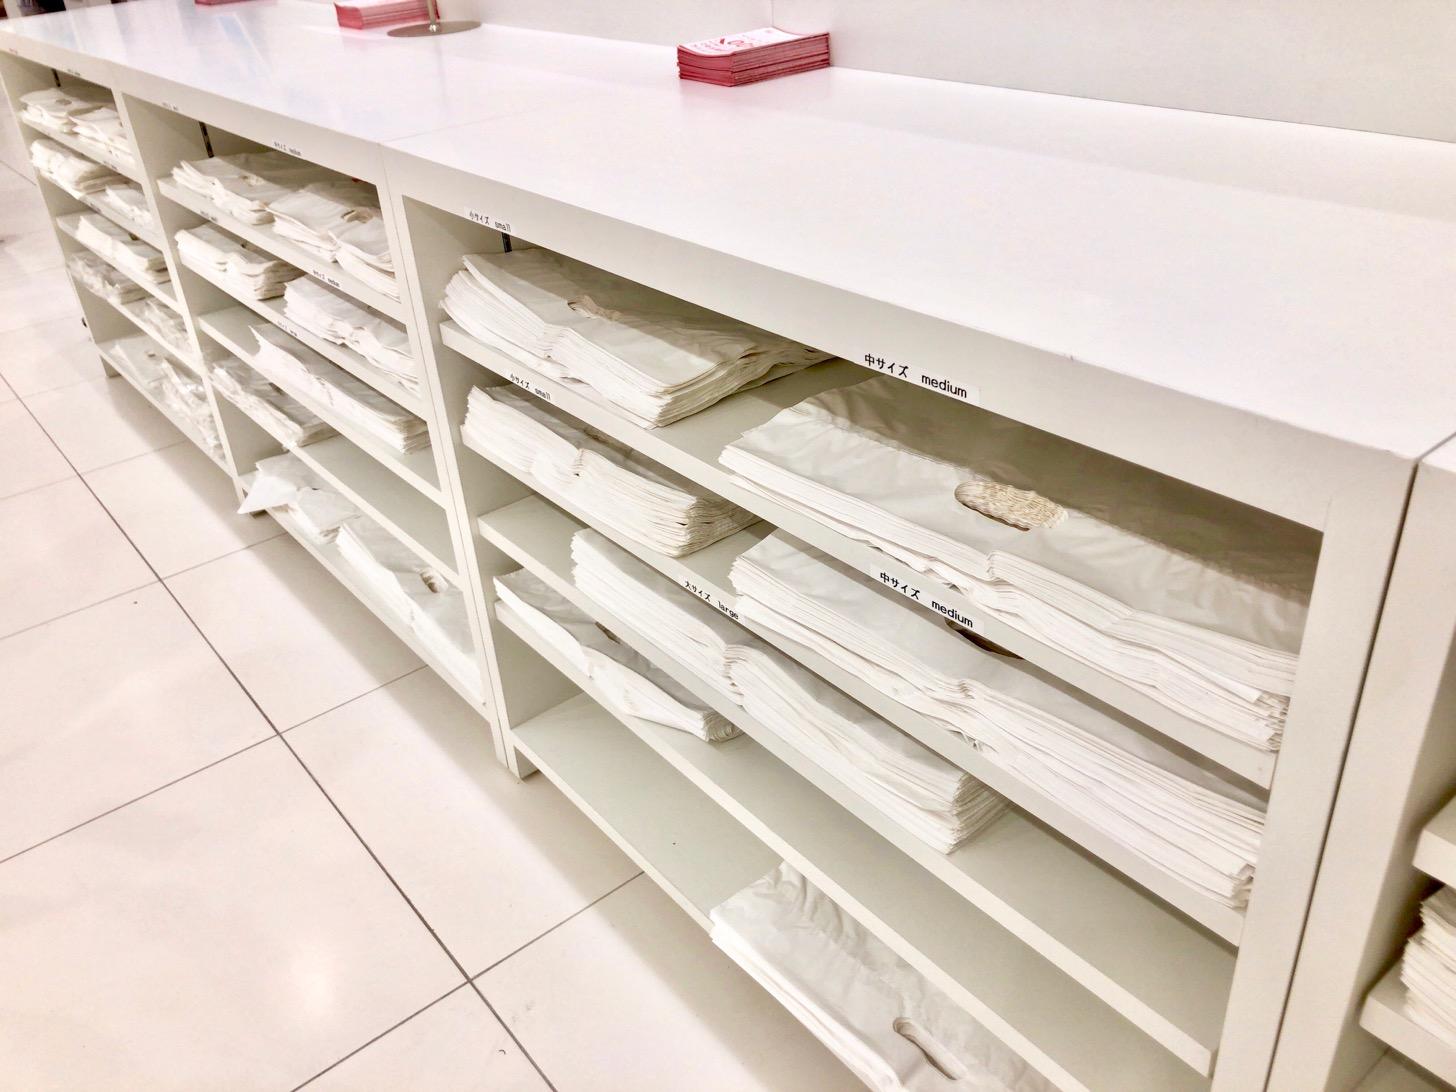 ユニクロ ココリア多摩センター店のレジがすべてセルフレジ化の袋